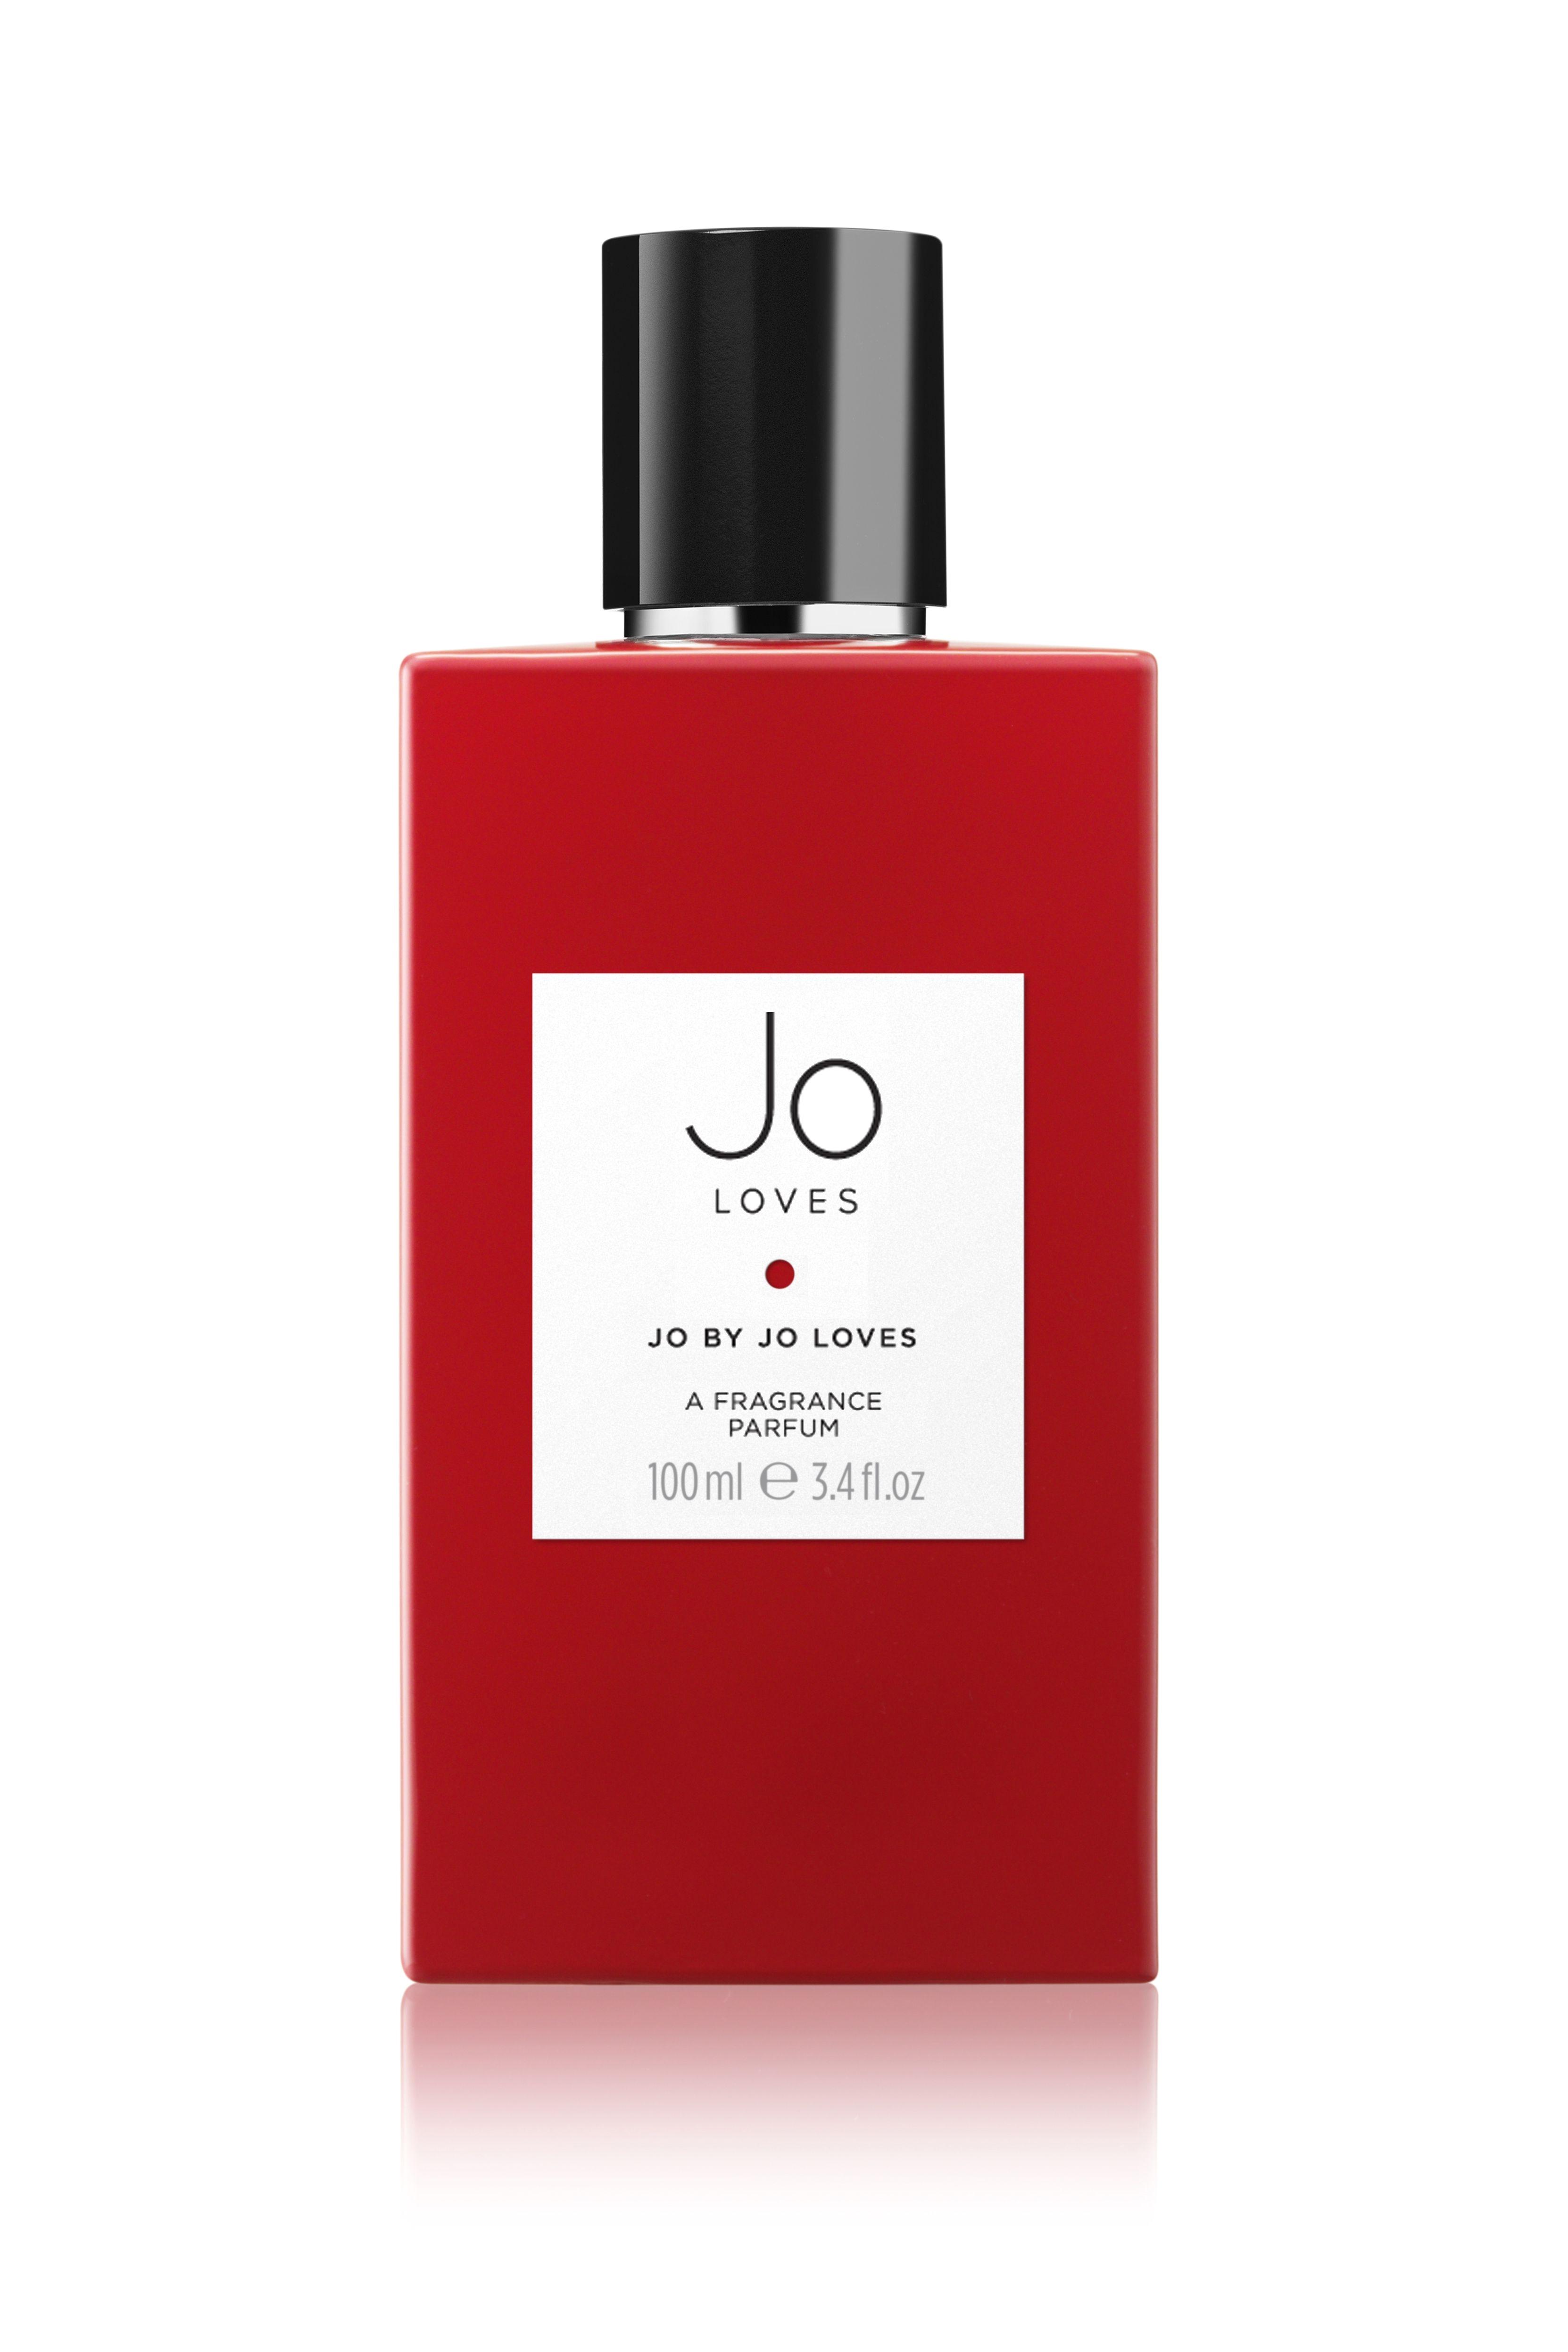 jo by jo loves 100ml 115 www joloves com 1536144578